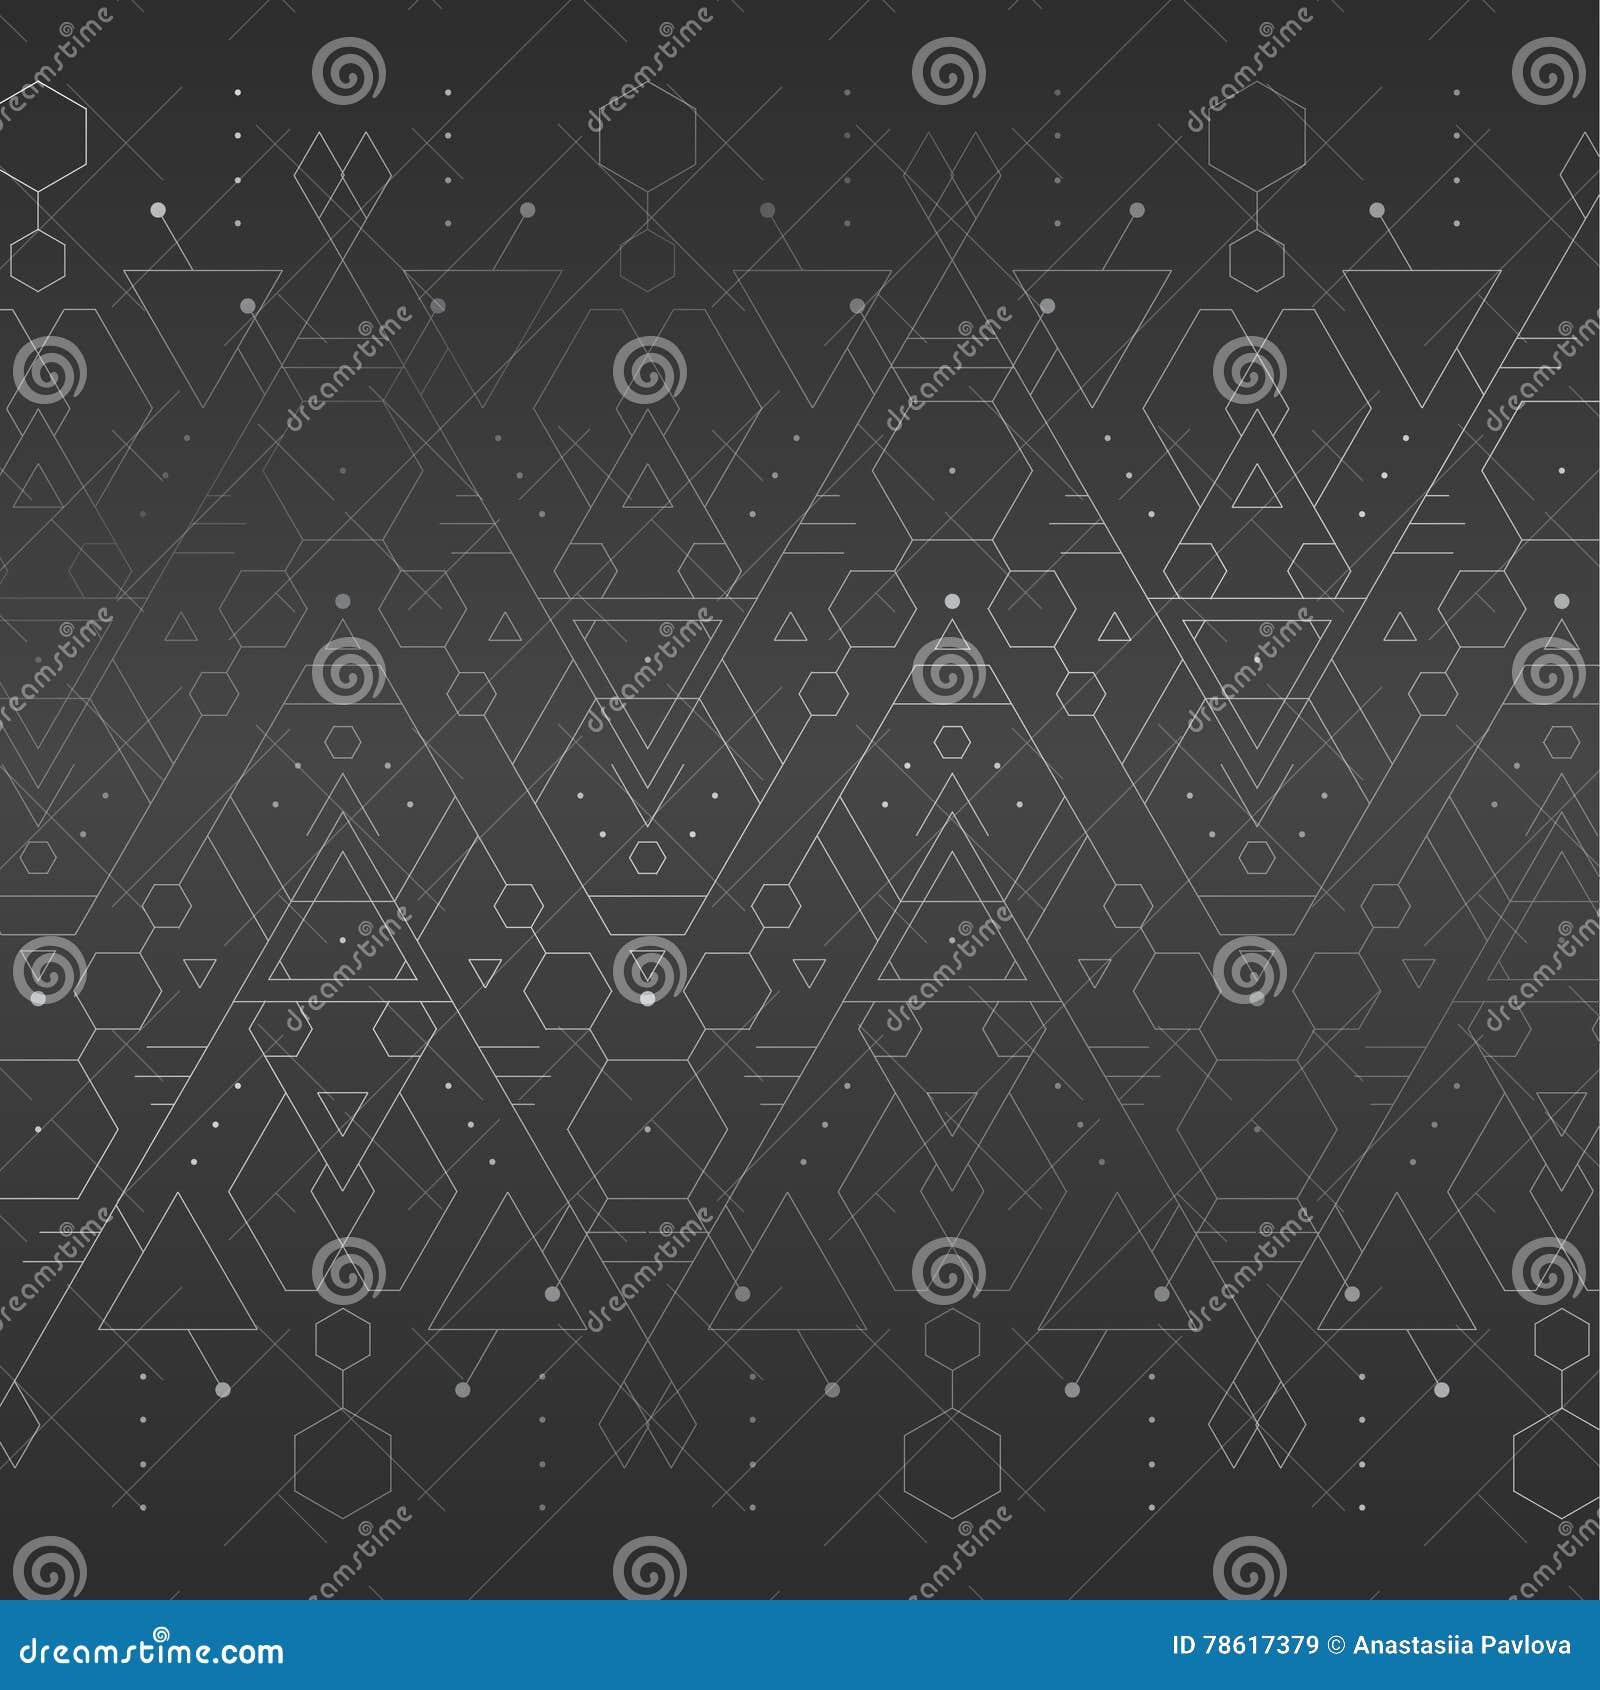 Dark grey geometric background